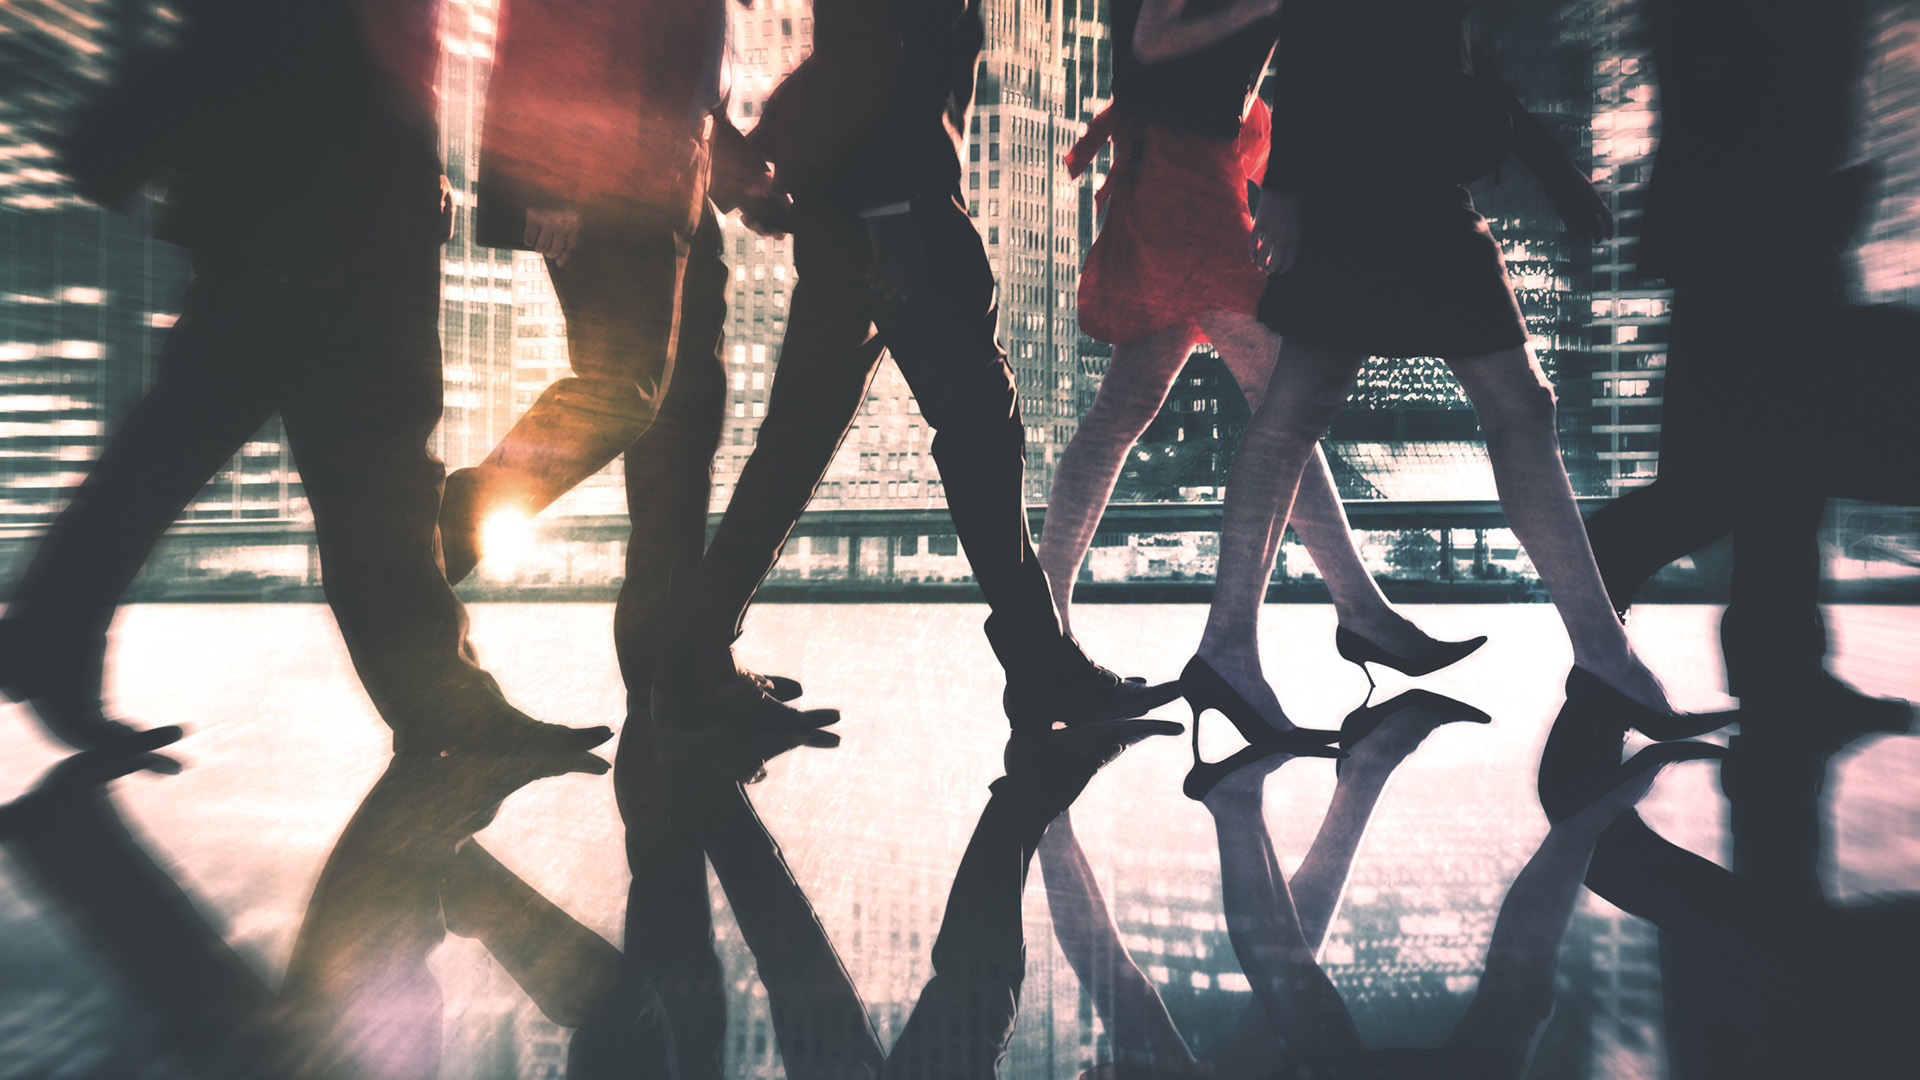 Group of people walking in-stride